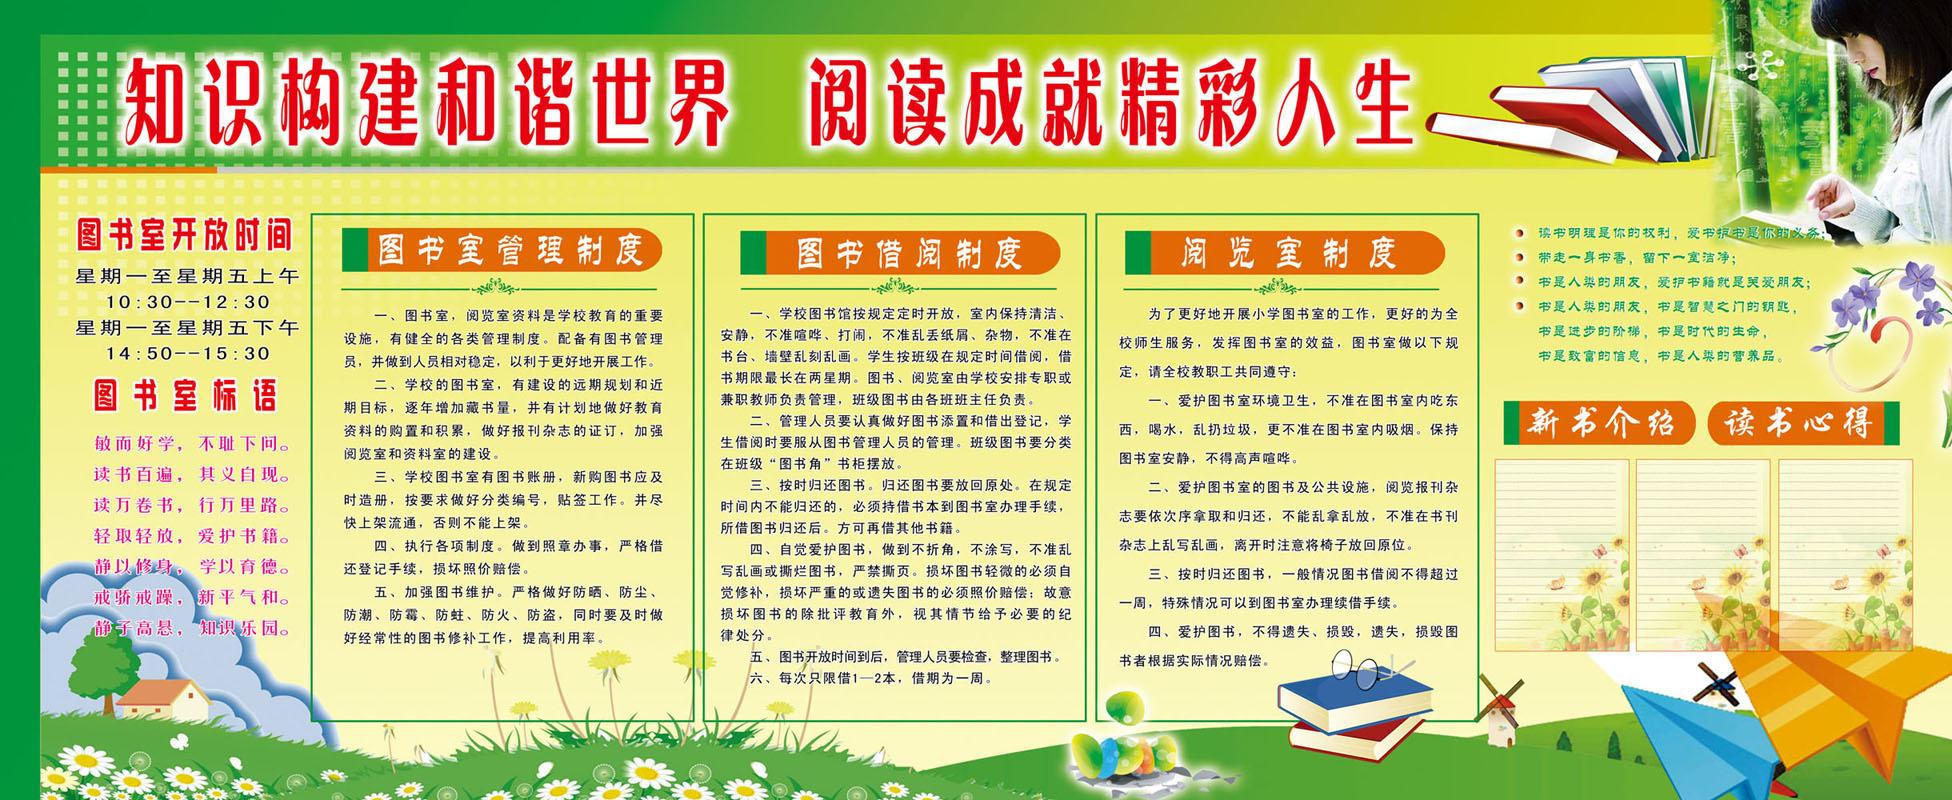 721海报印制展板写真喷绘贴纸986读书的好处幼儿园标语